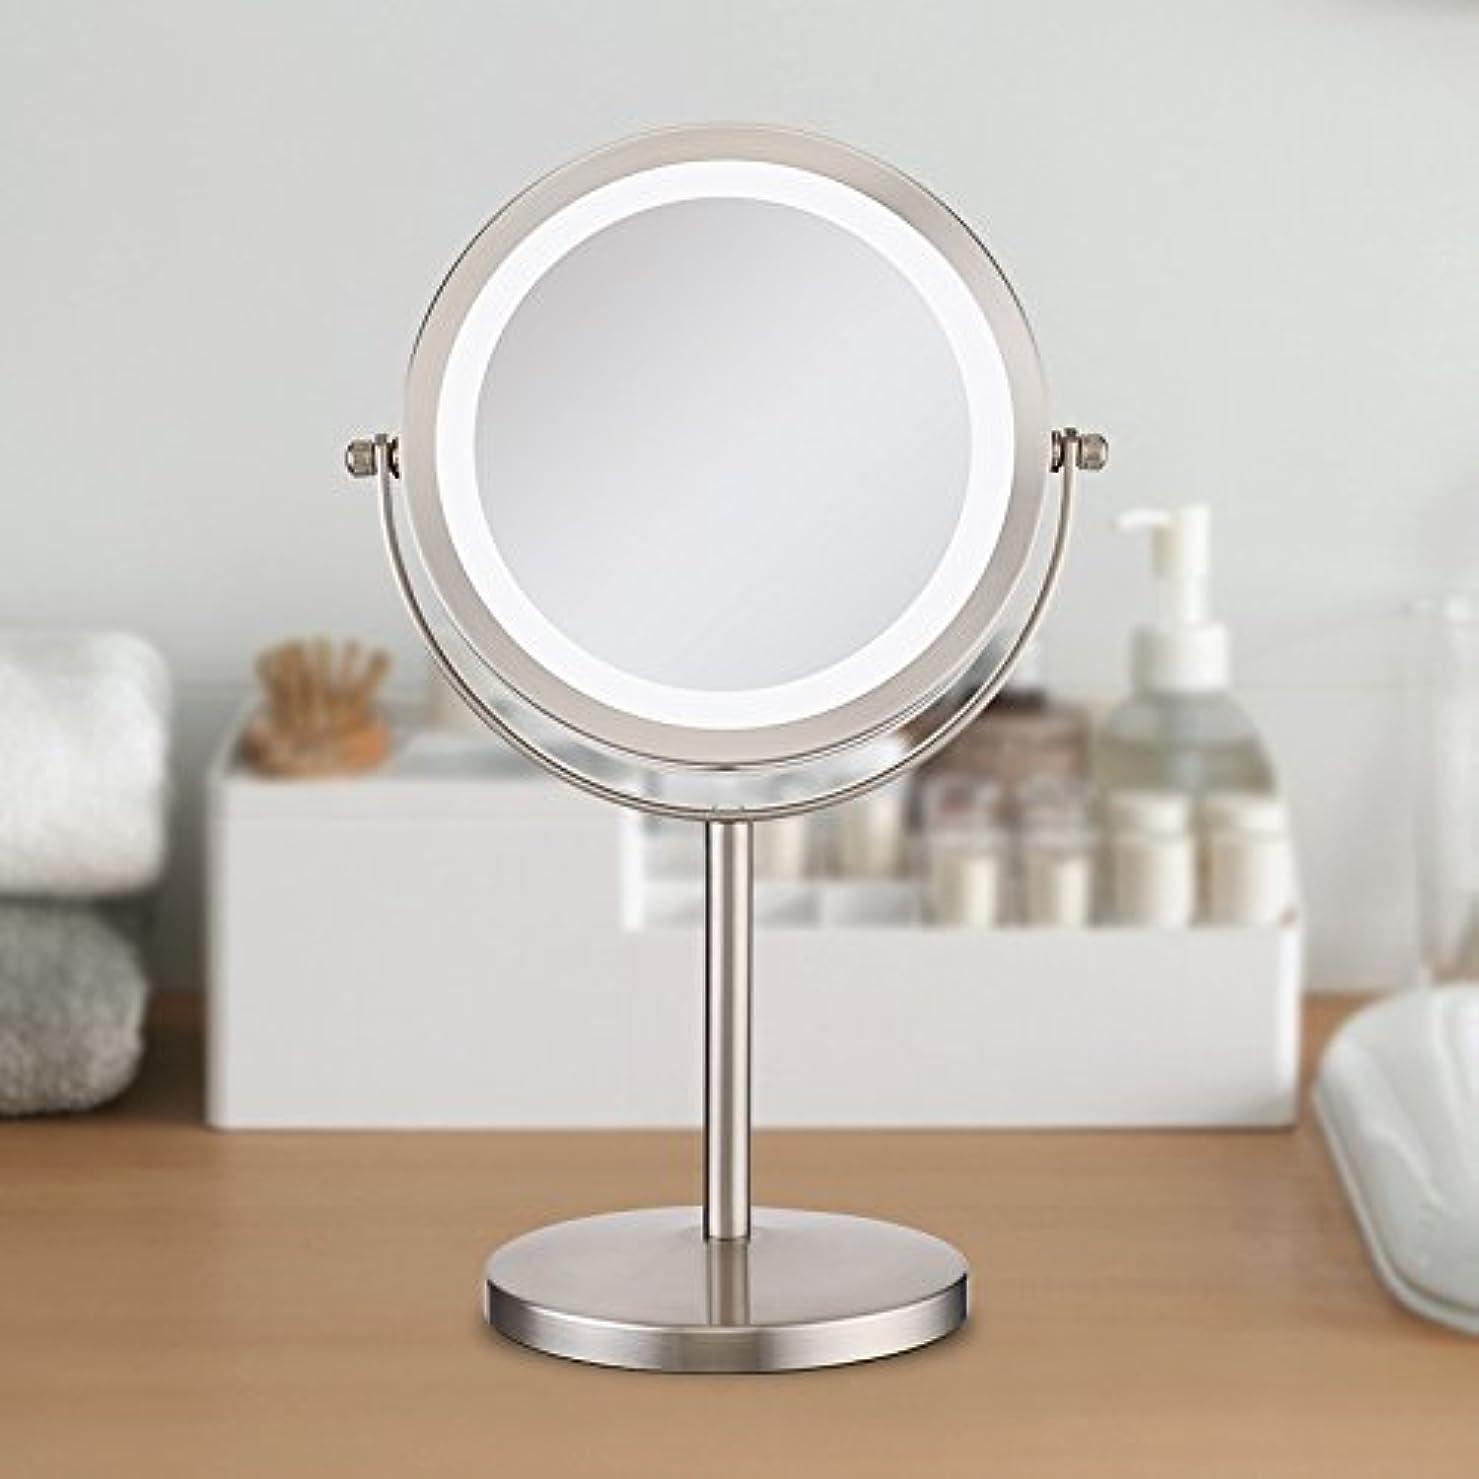 支配的絶望的な年次(セーディコ)Cerdeco 真実の北欧風卓上鏡DX LEDライト付き 10倍拡大率 両面化粧鏡 真実の鏡DX スタンドミラー 鏡面φ178mm (10倍拡大+等倍?両面) D710N